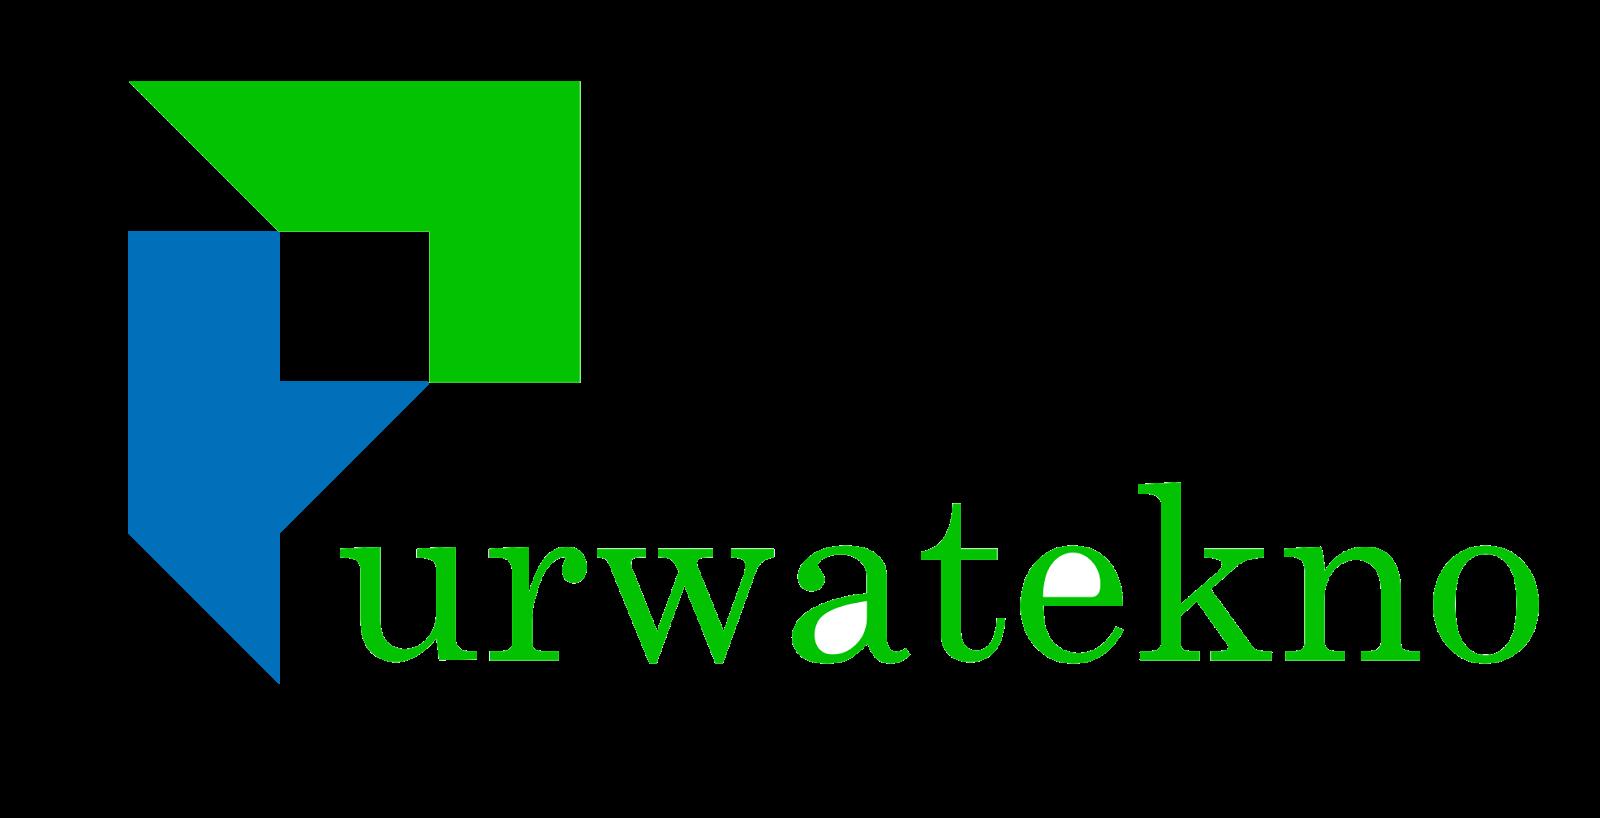 PurwaTekno